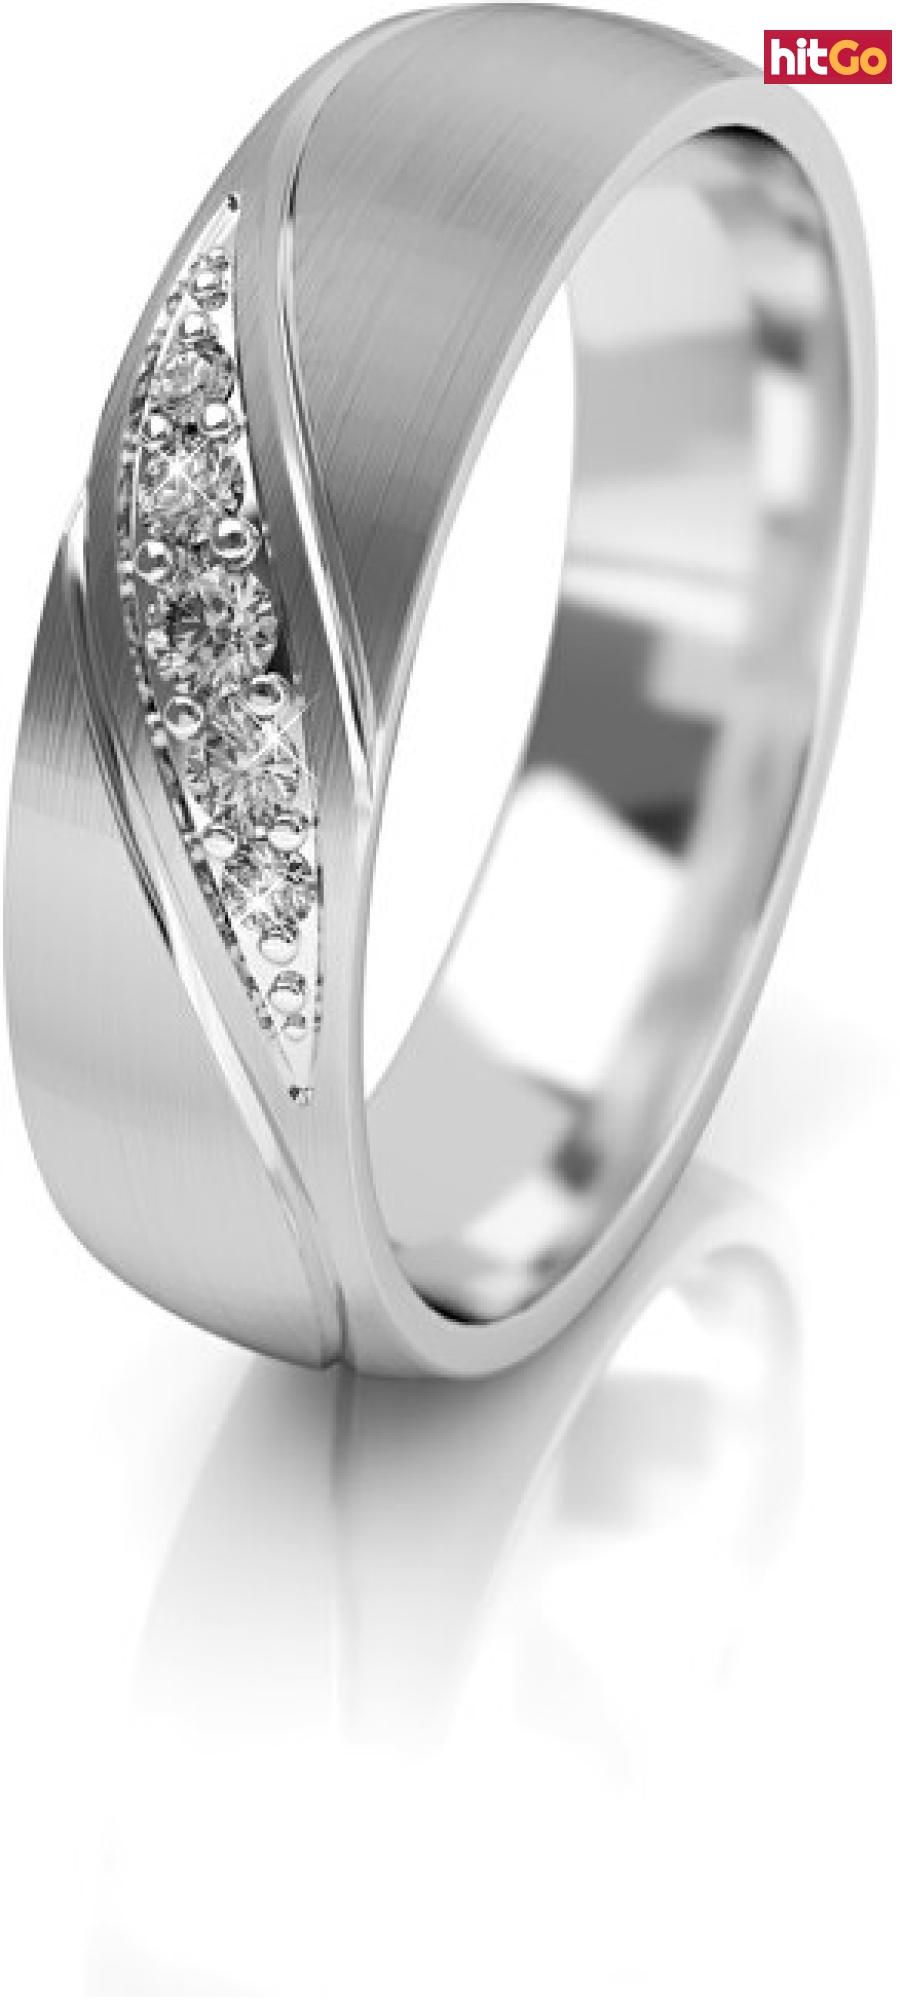 Art Diamond Dámský snubní prsten z bílého zlata se zirkony AUG284 56 mm dámské